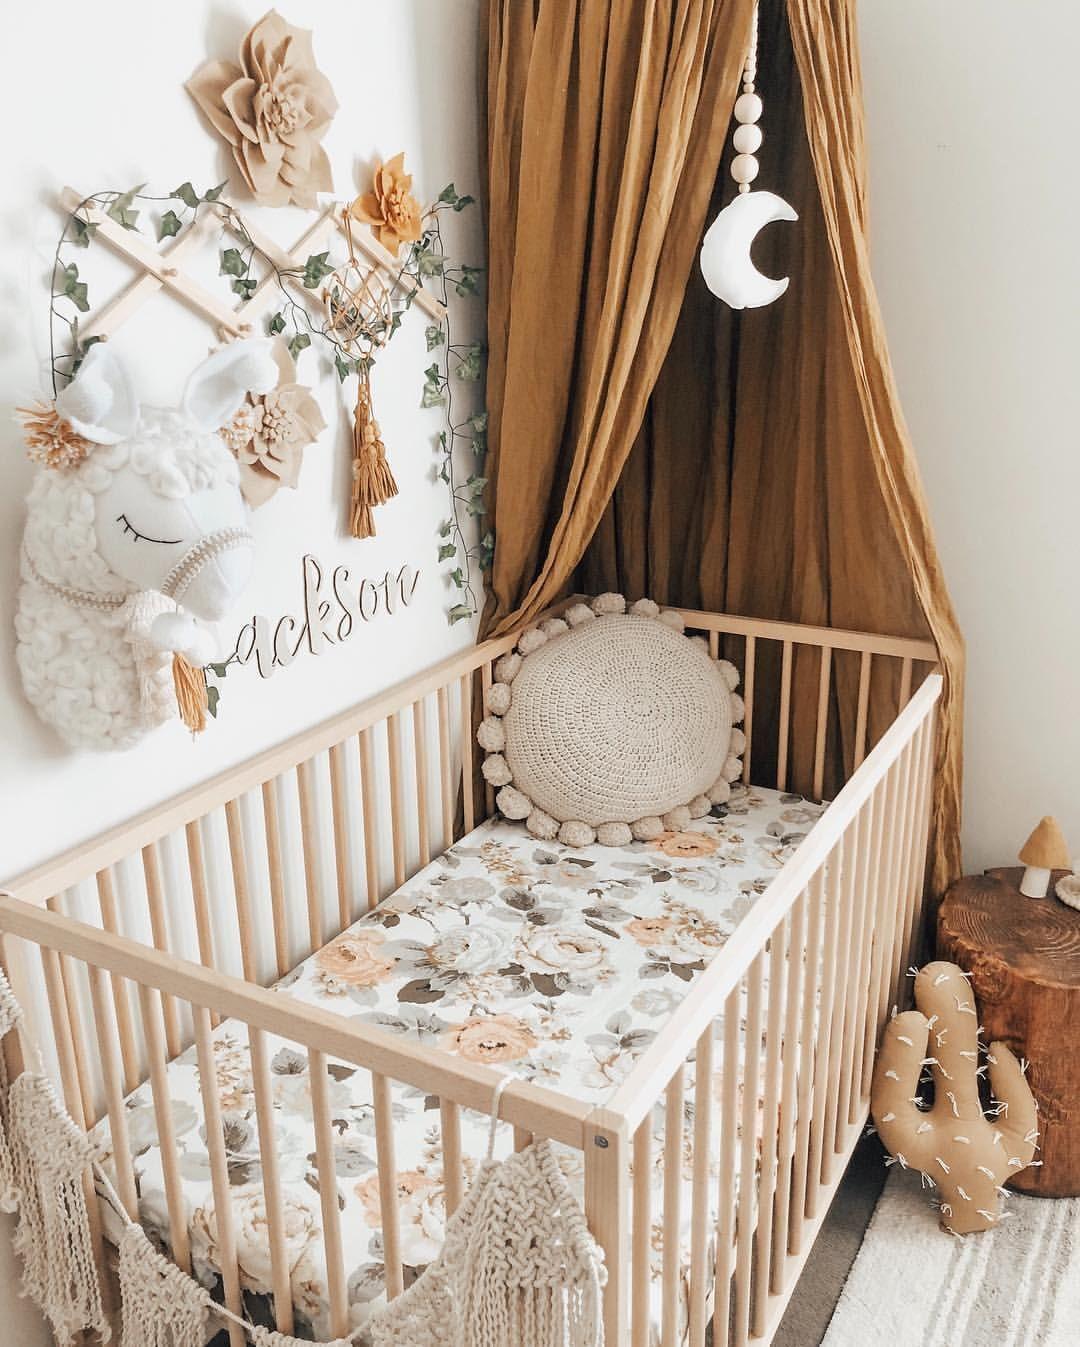 Babybett Kinderbett Vintage Floral Inspiration Canopy Himmel Mustard Senf Numero74 | Nursery Baby Room, Gender Neutral Nursery Decor, Baby Nursery Inspiration